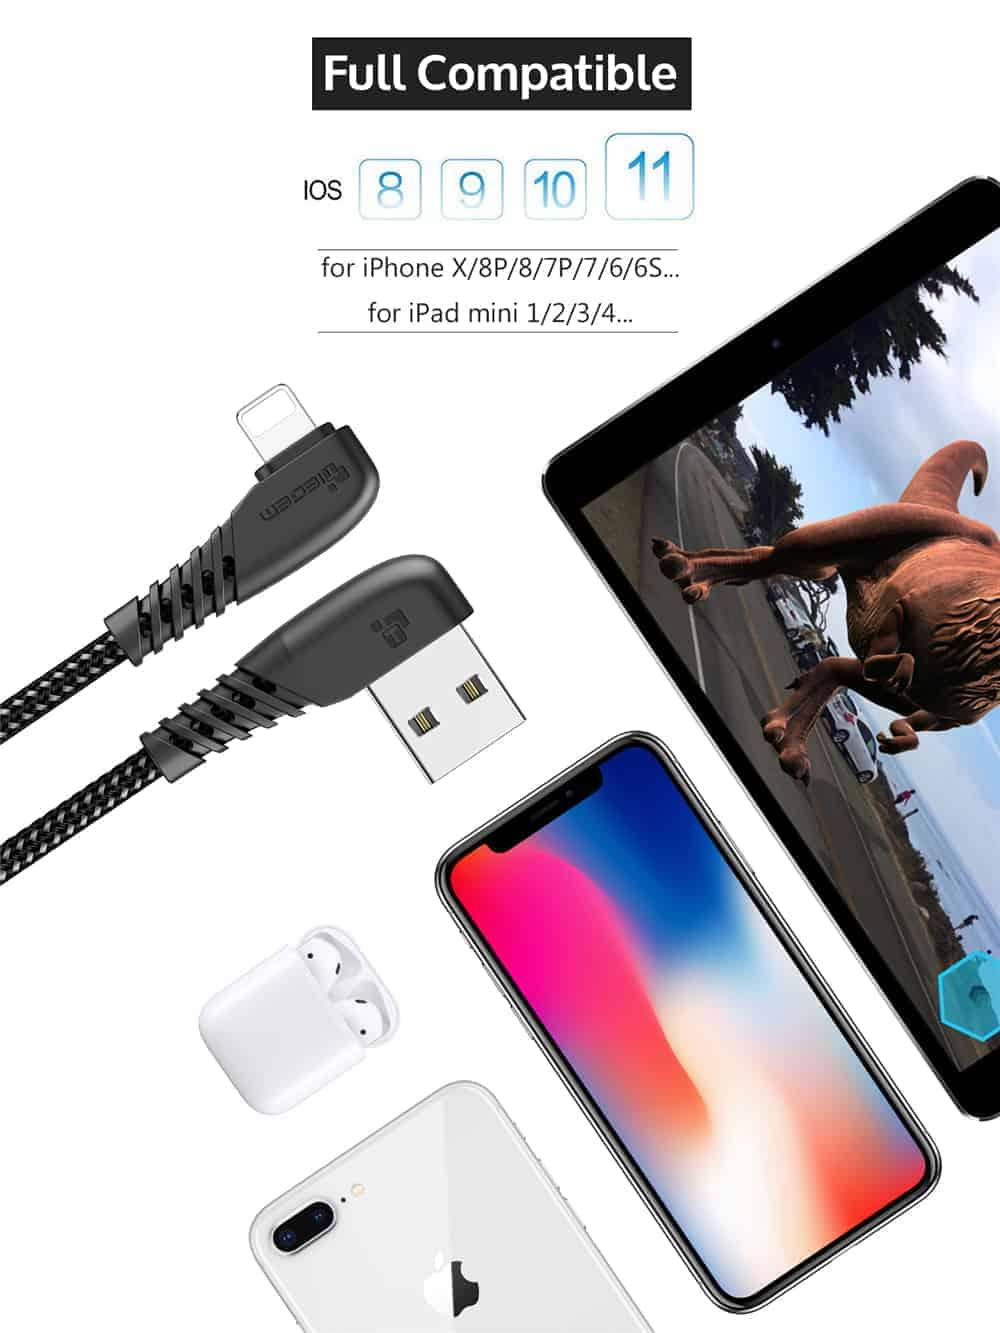 สายชาร์จไอโฟน TIEGEM 90 Degree For iPhone X 8 7 6 5 6s plus 2.1A Fast Charger Data Cable-11